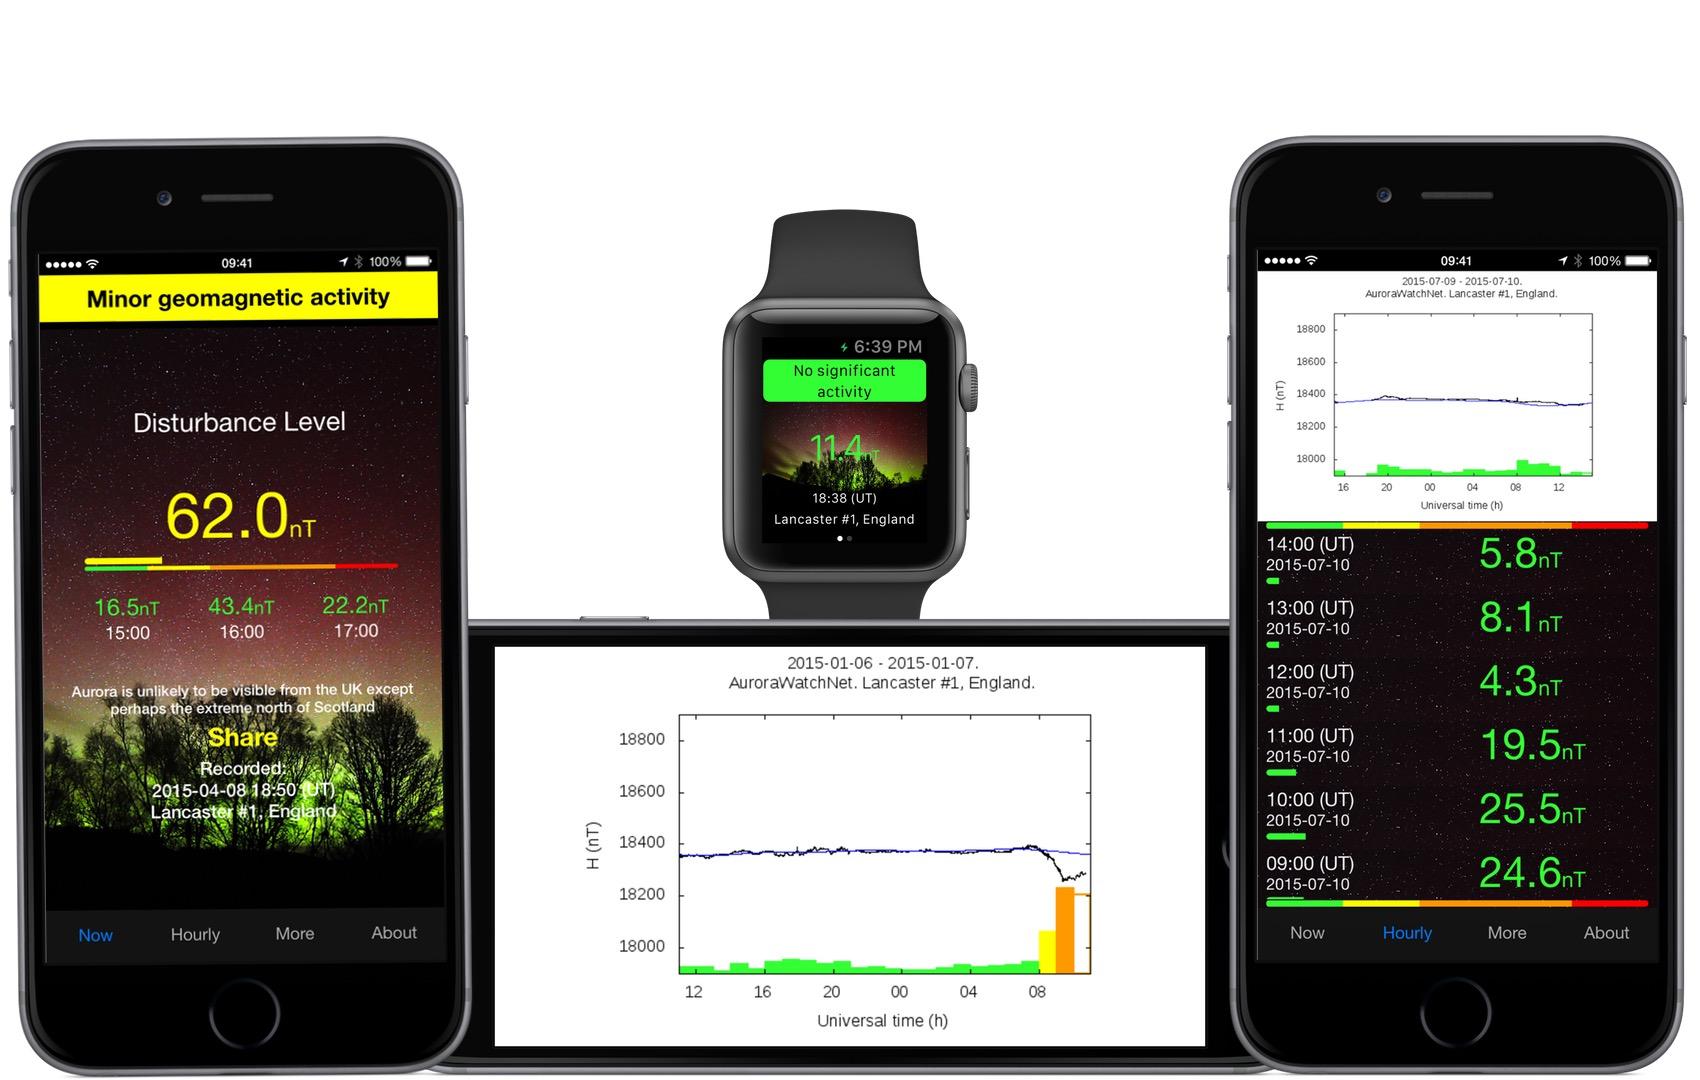 AuroraWatch UK iPhoneWatch